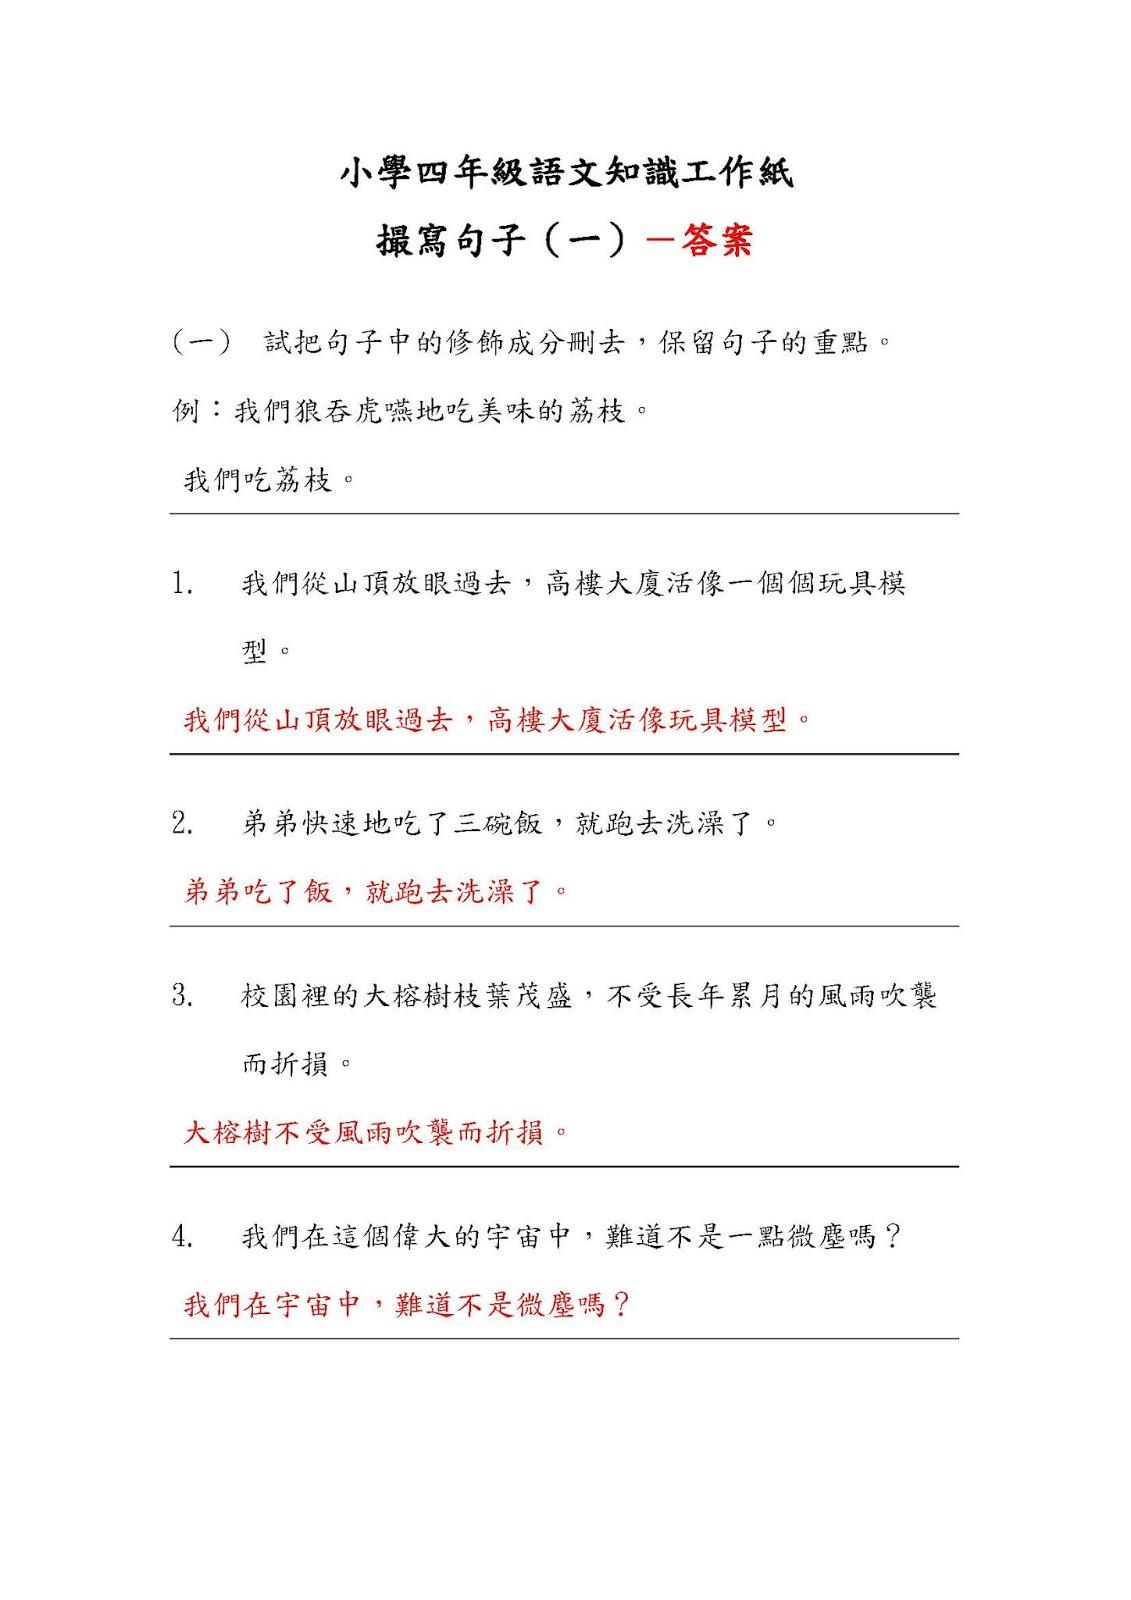 小四語文知識工作紙:撮寫句子(一) 中文工作紙 尤莉姐姐的反轉學堂